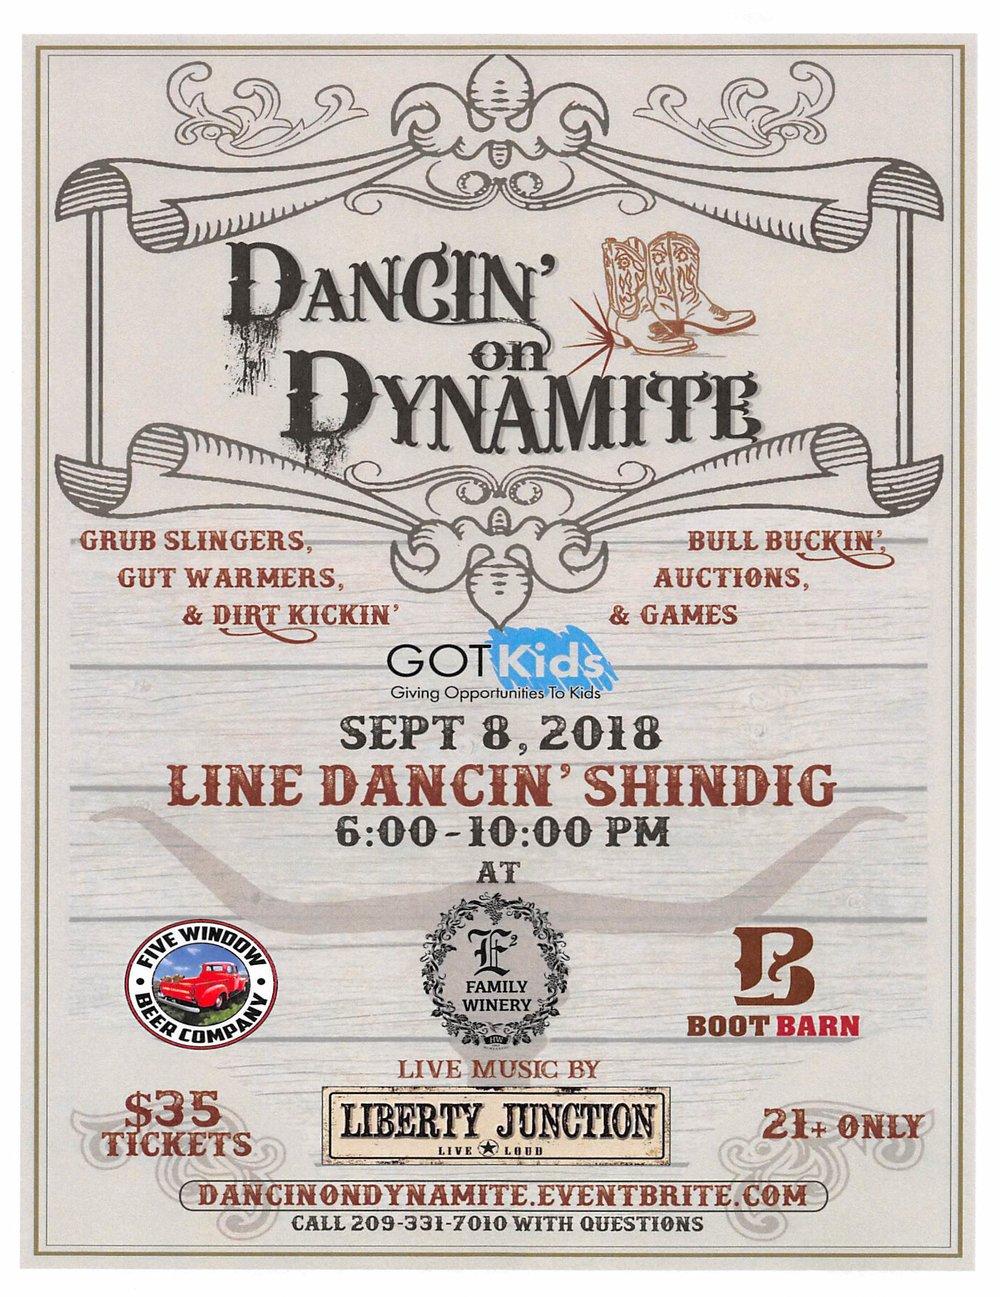 Dancin' on Dynamite Flyer - 9-10-18.jpg